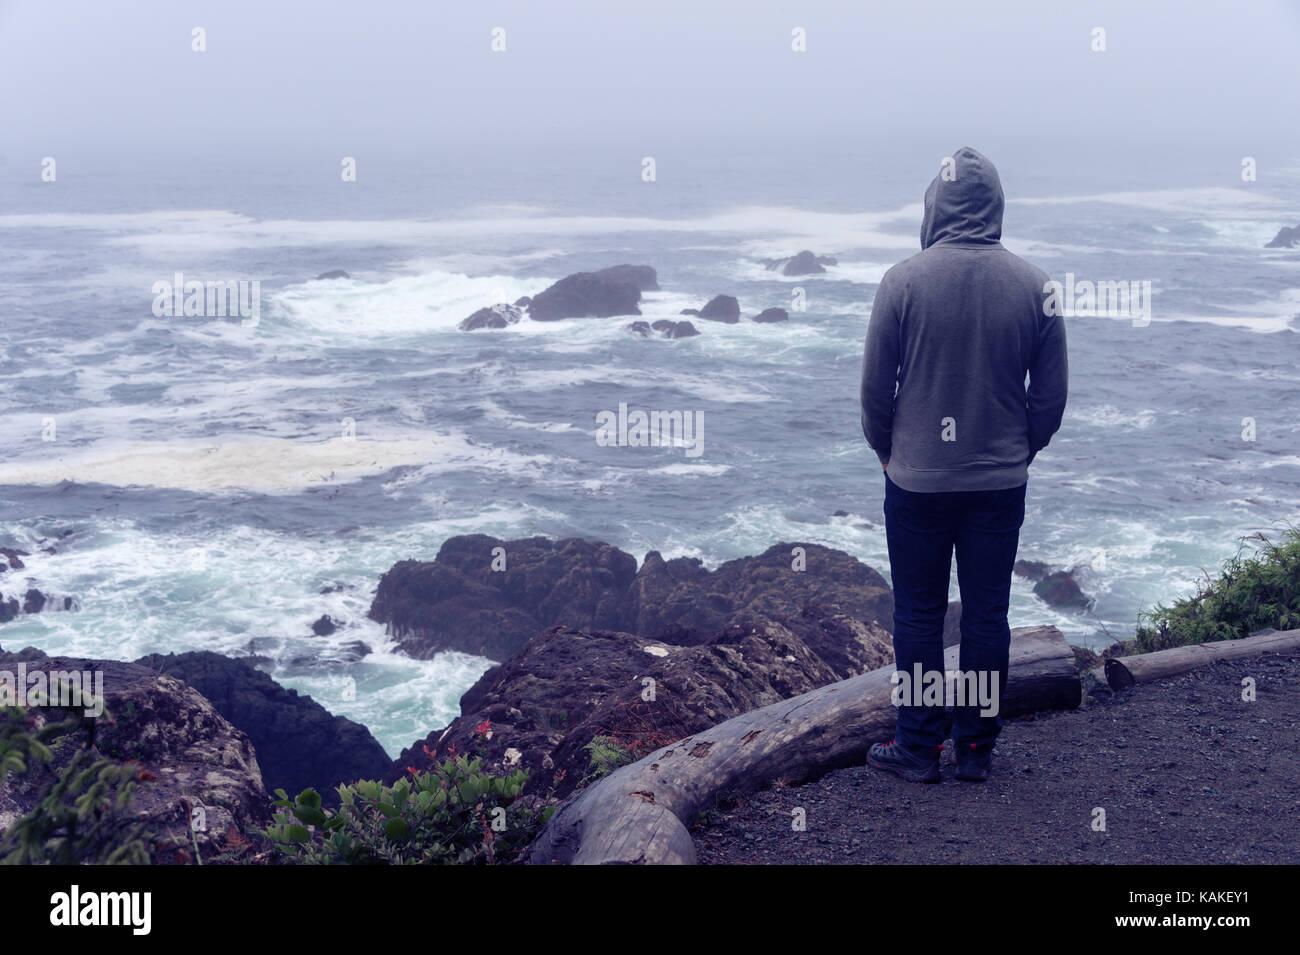 Lonely Man standing di fronte all'oceano pacifico e guardando il mare tempestoso sull'isola di Vancouver. Immagini Stock